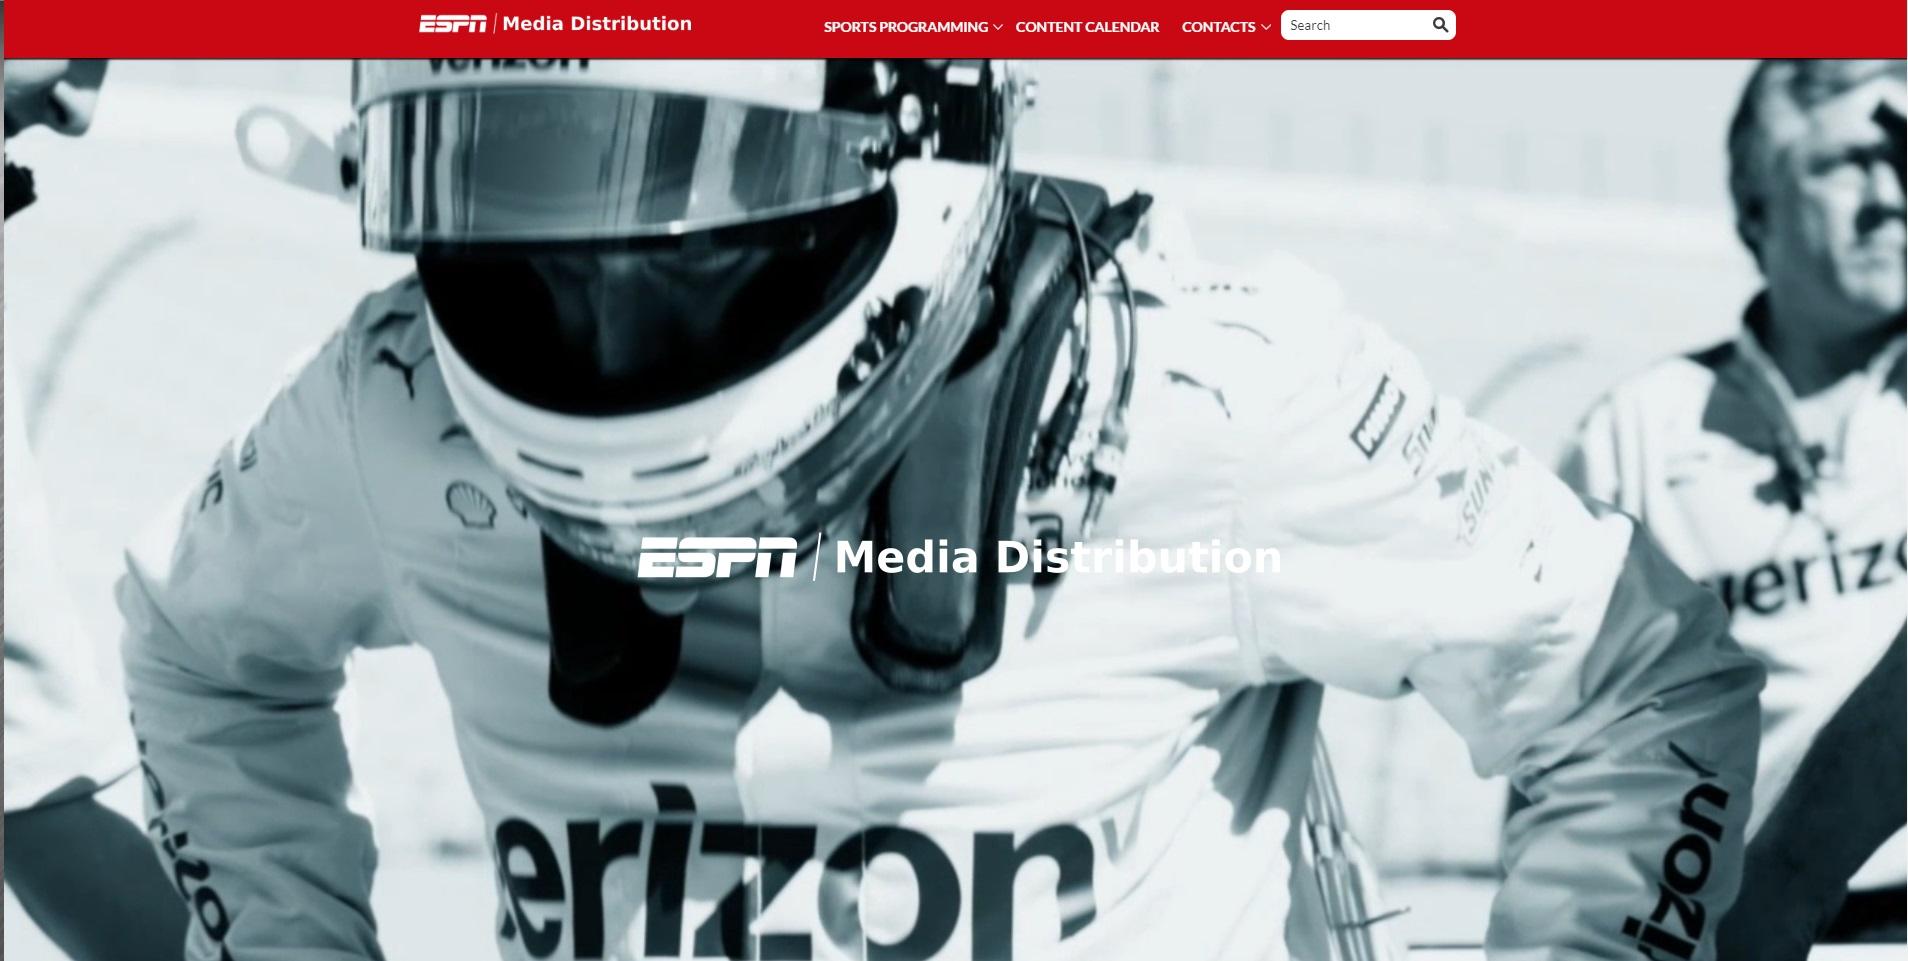 Mooie website van ESPN